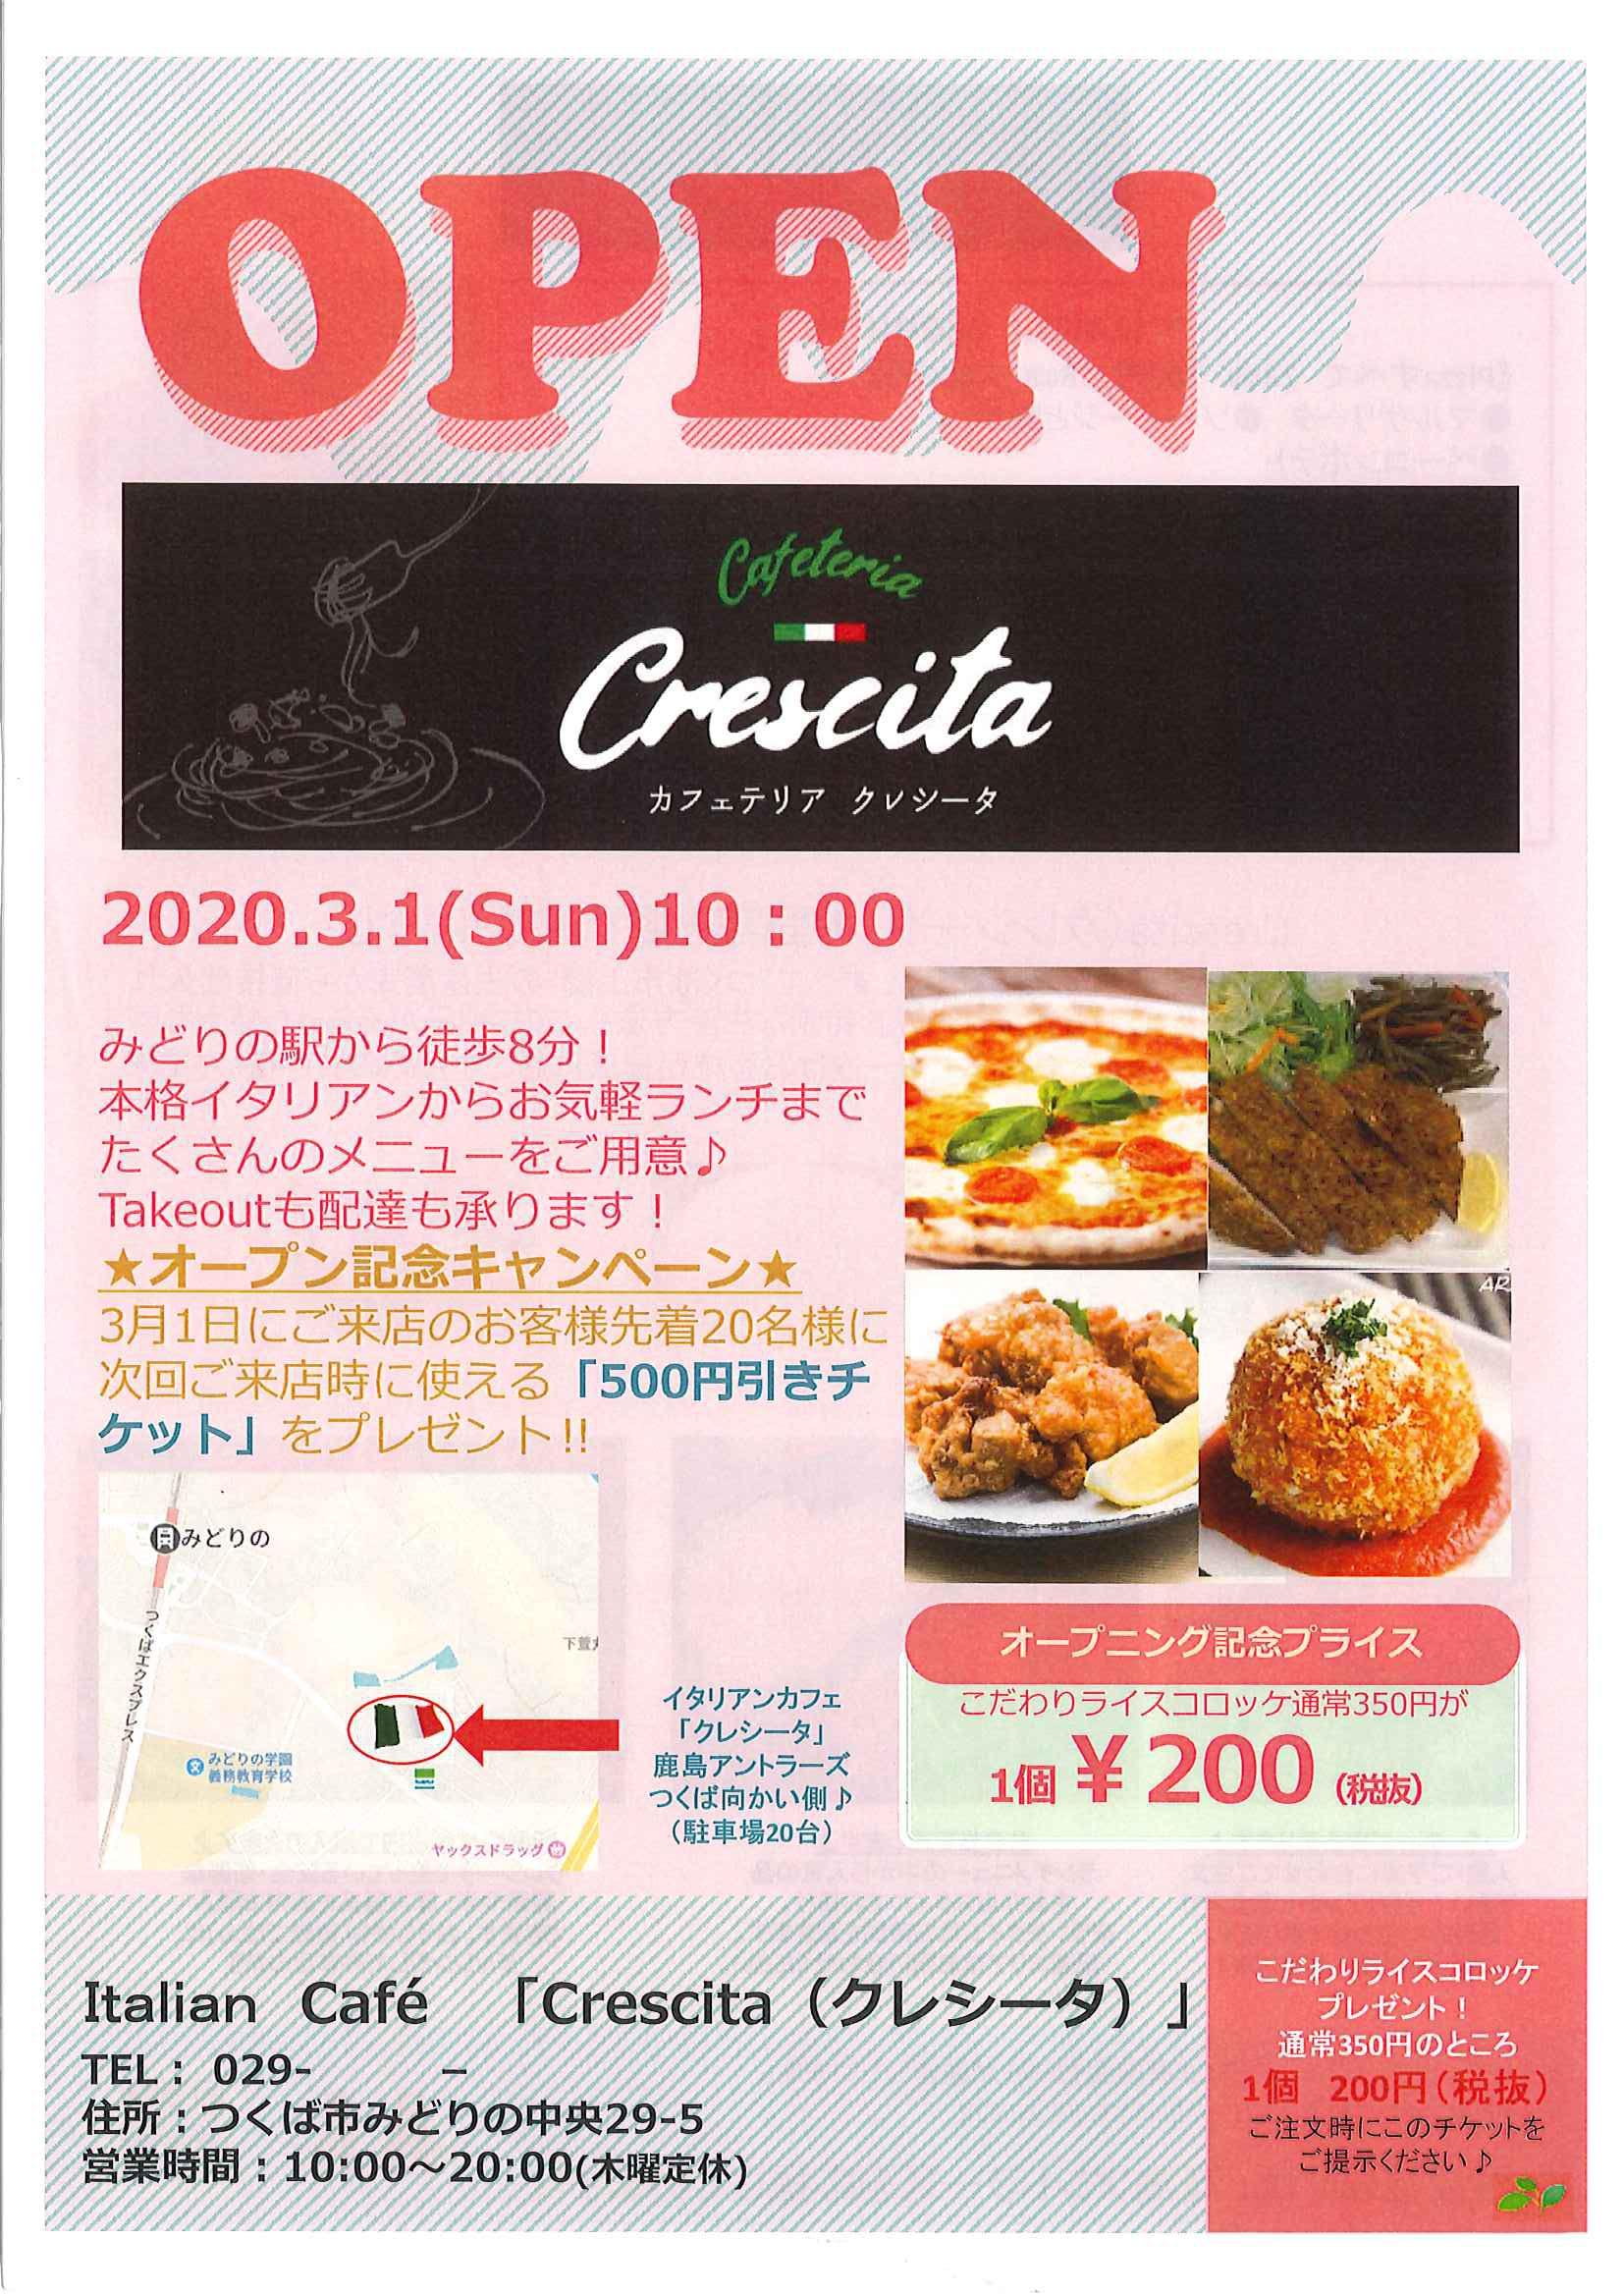 """イタリアンカフェ""""Crescita(クレシータ)""""オープンのお知らせ!page-visual イタリアンカフェ""""Crescita(クレシータ)""""オープンのお知らせ!ビジュアル"""